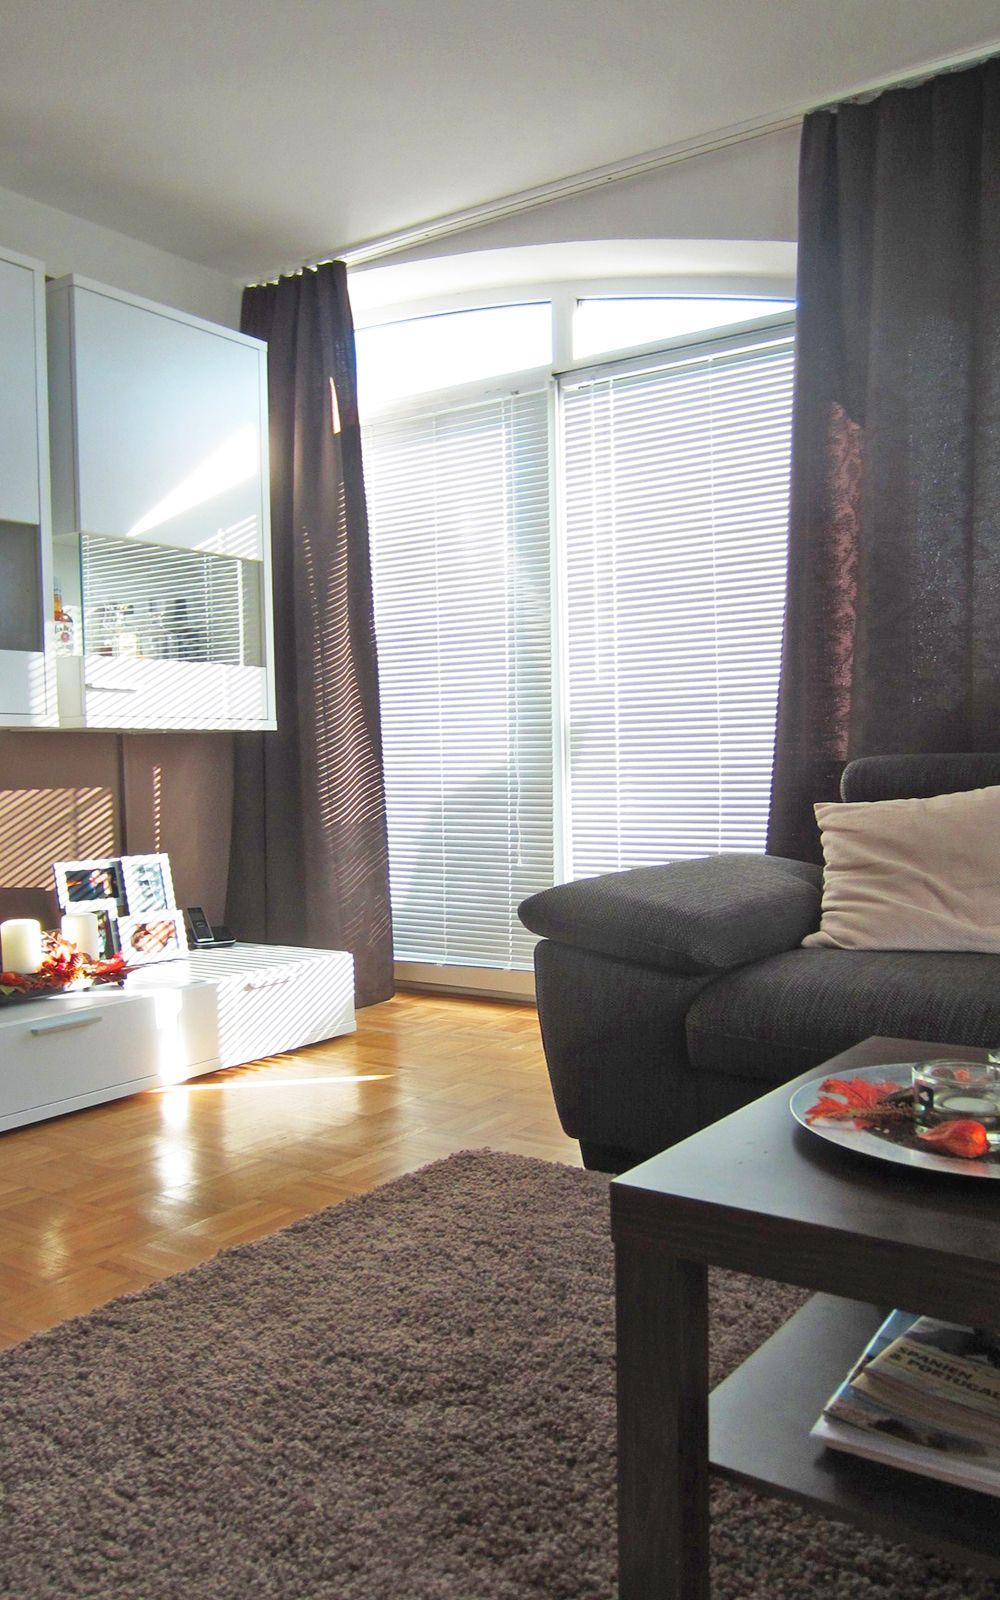 jalousie #rustikal #wohnzimmer Schöner Wohnen mit unseren Jalousien ...